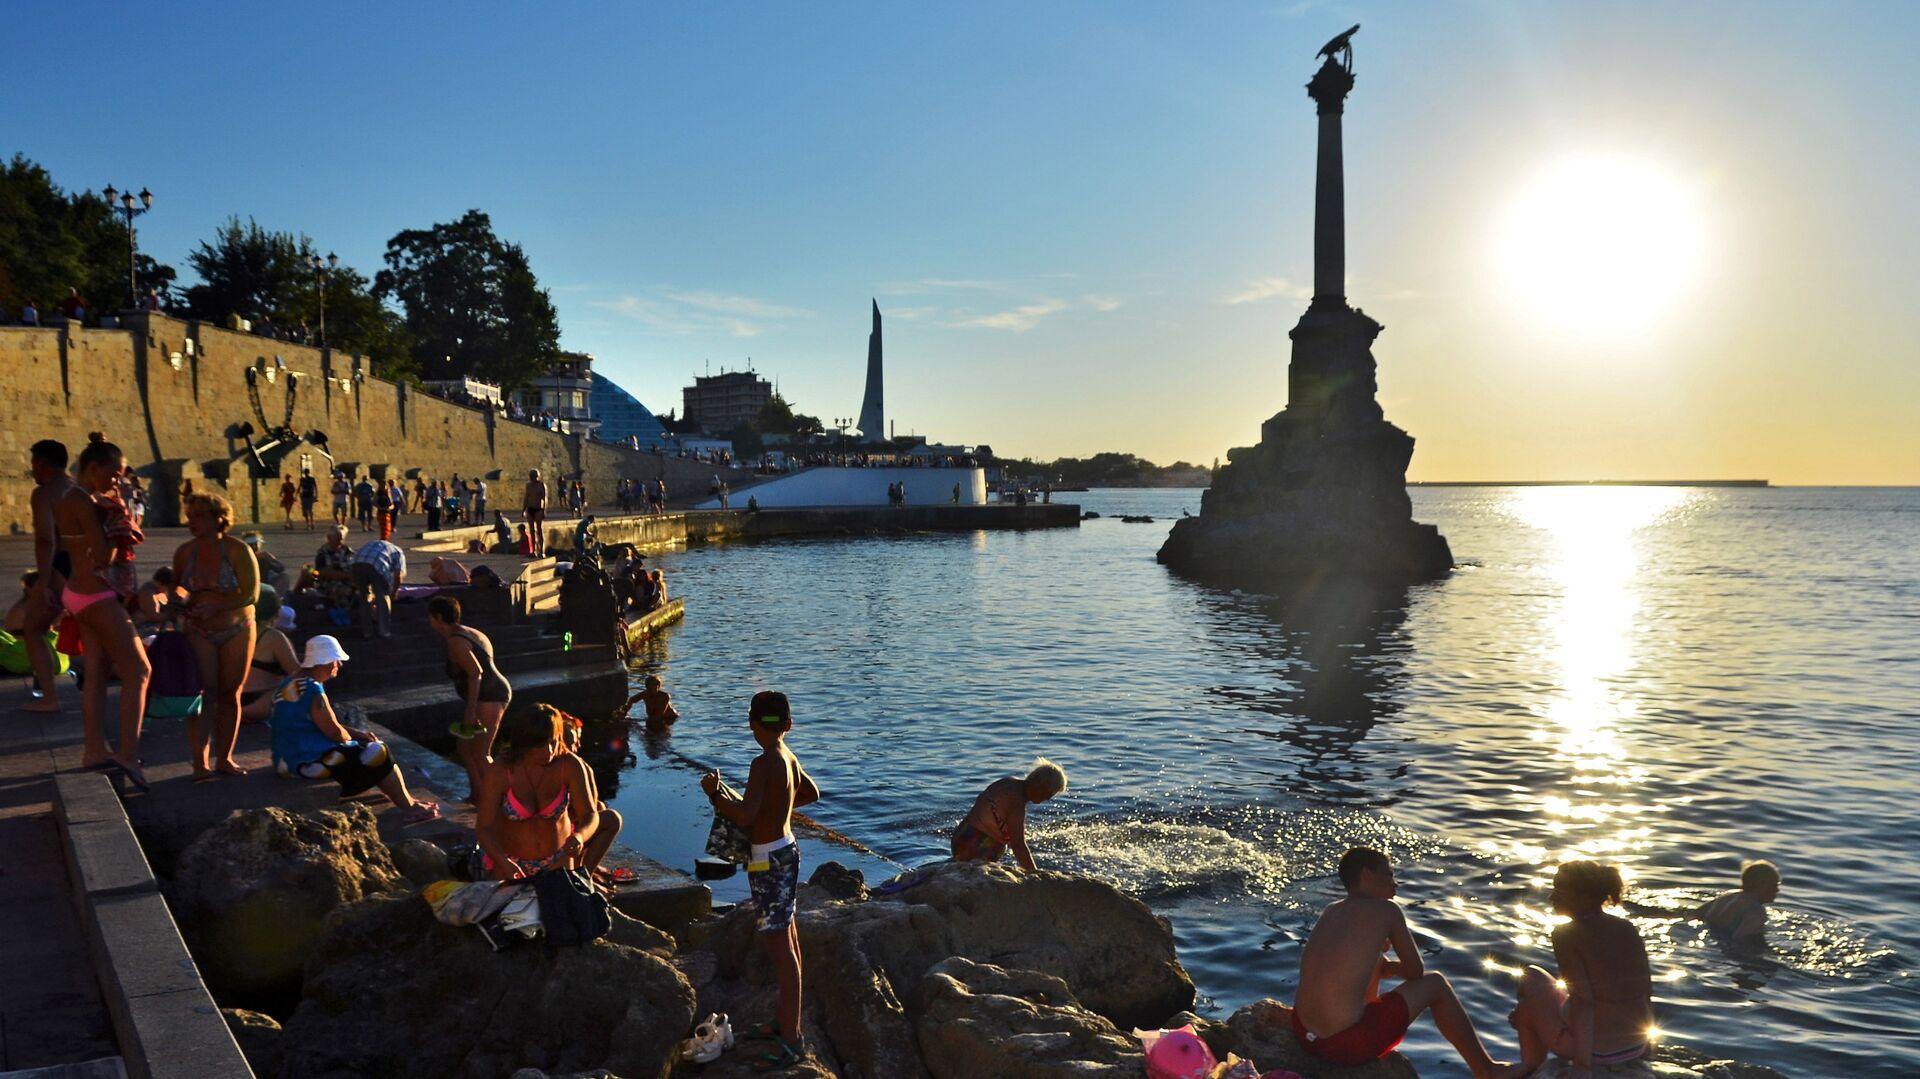 У памятника затопленным кораблям недалеко от Приморского бульвара в Севастополе - РИА Новости, 1920, 19.10.2020